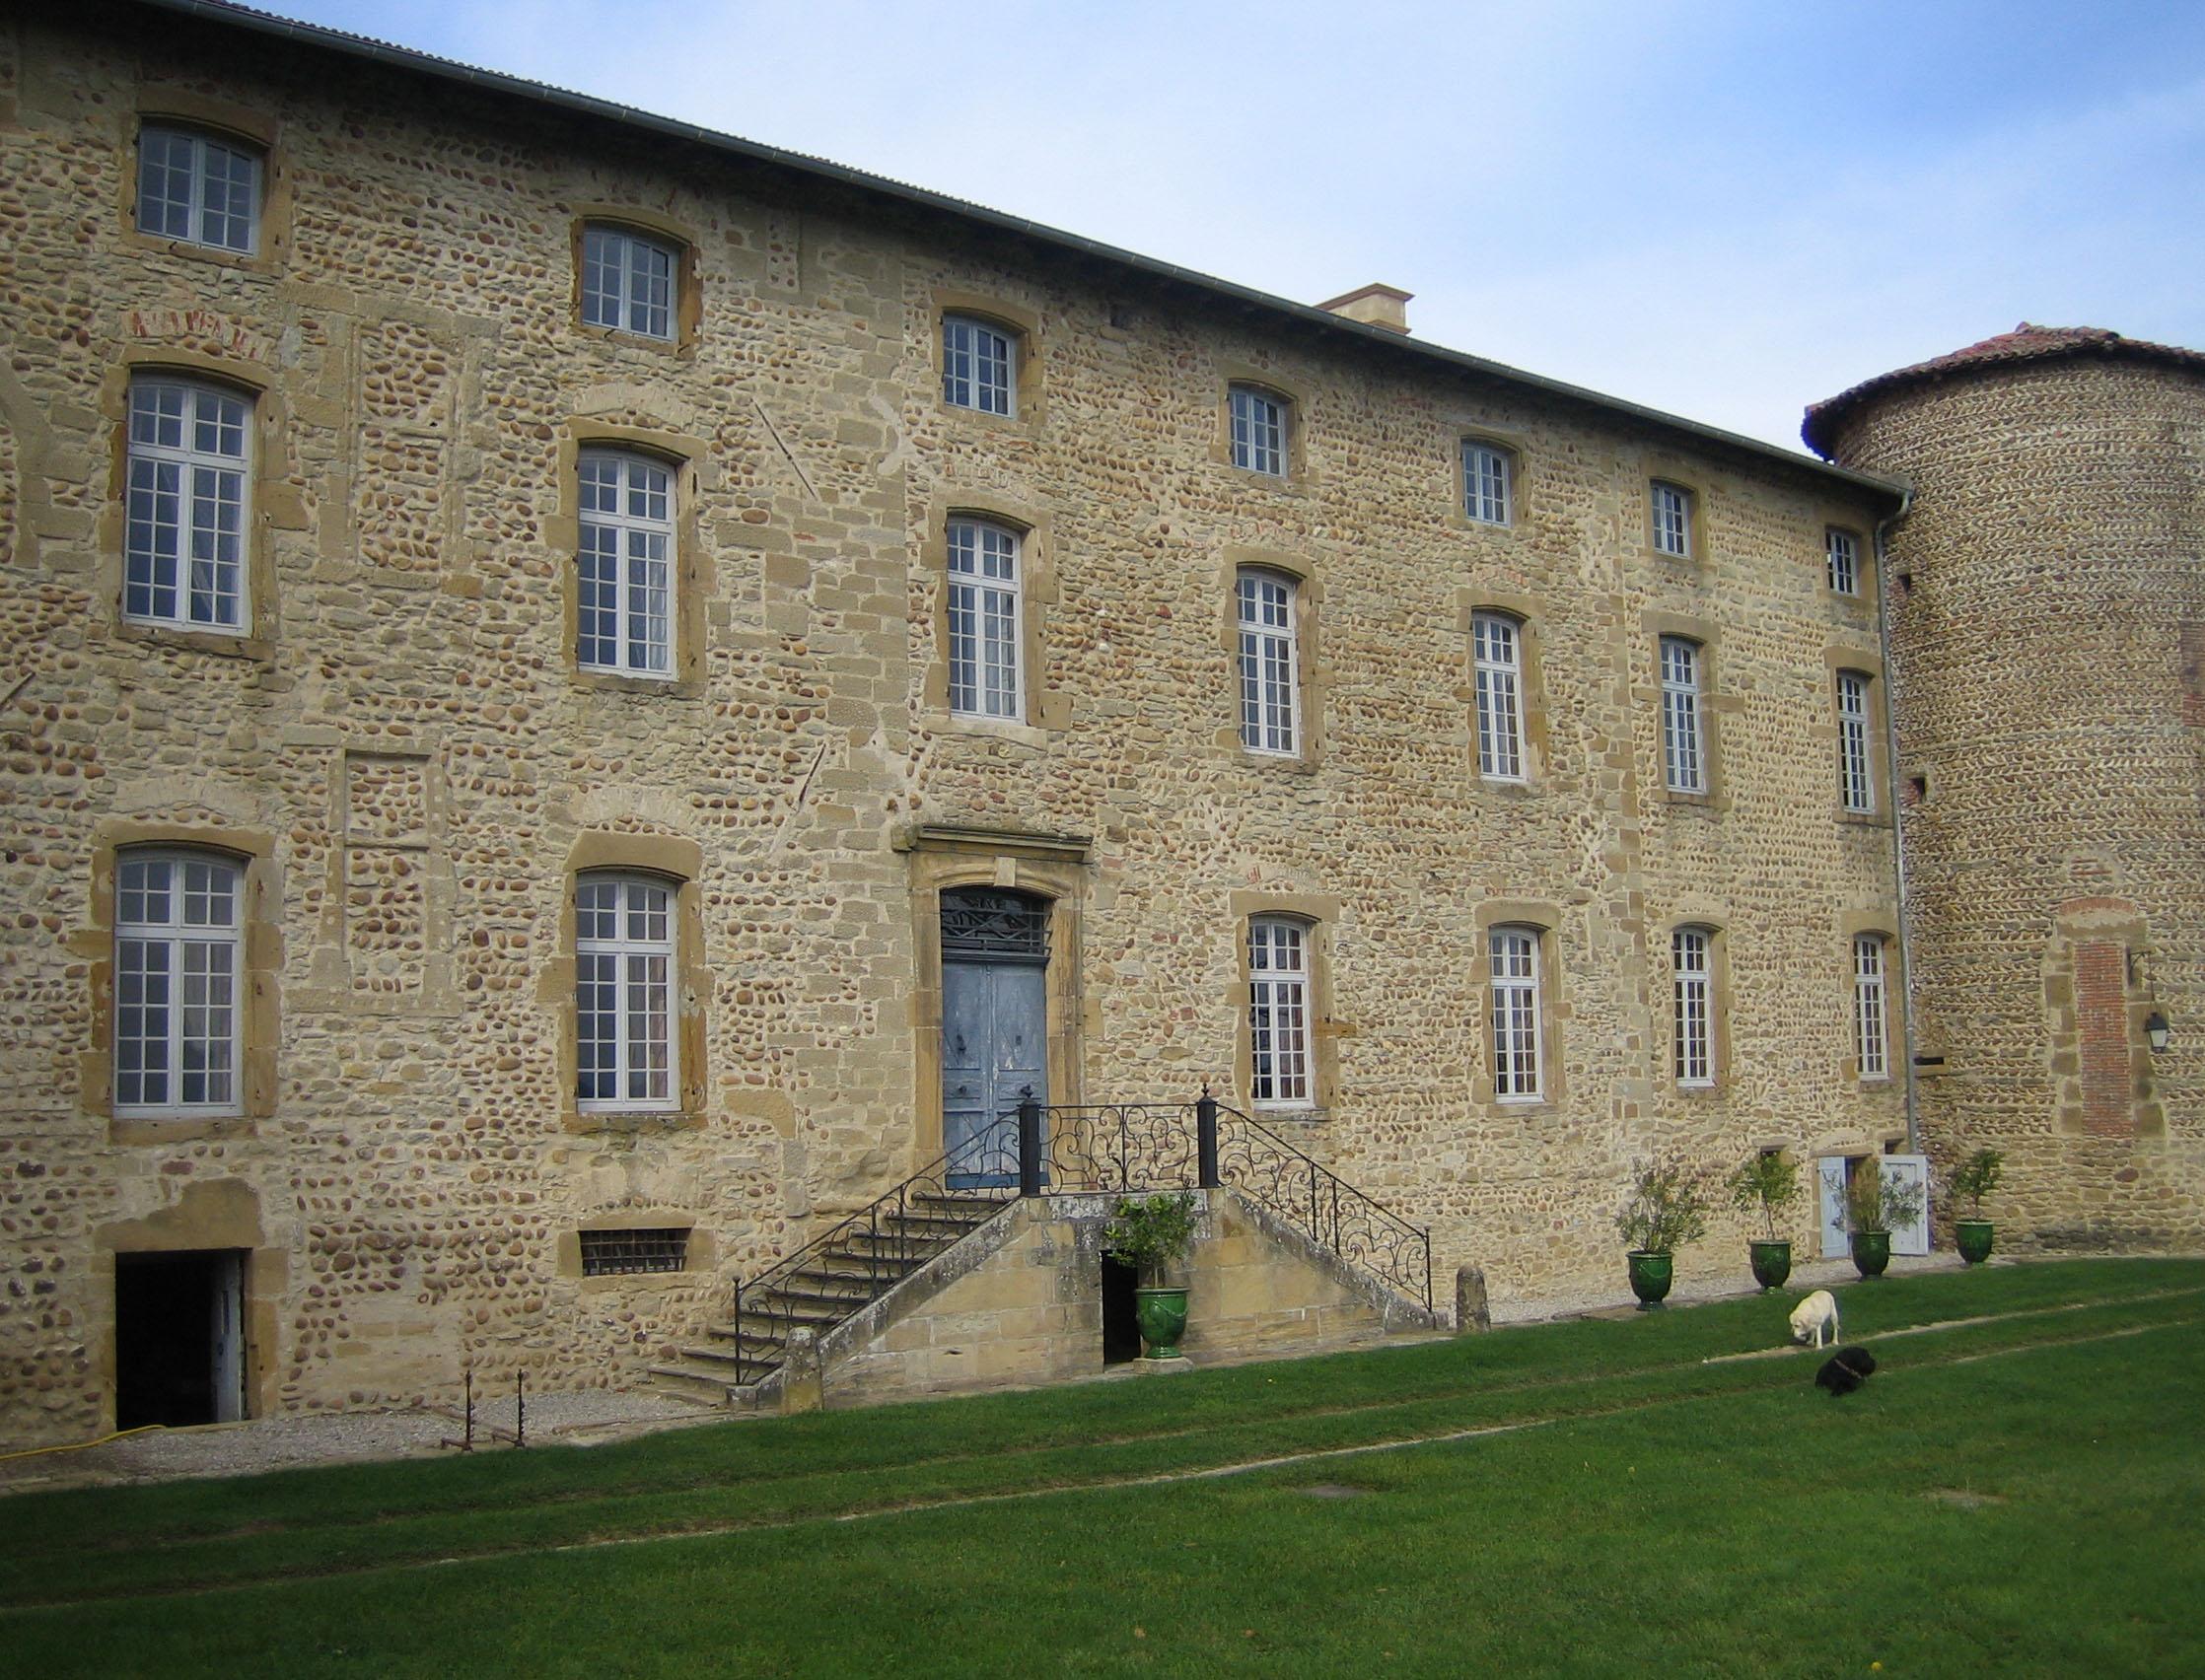 Restauration de la maison forte de Barbarin (Revel-Tourdan, Isère)